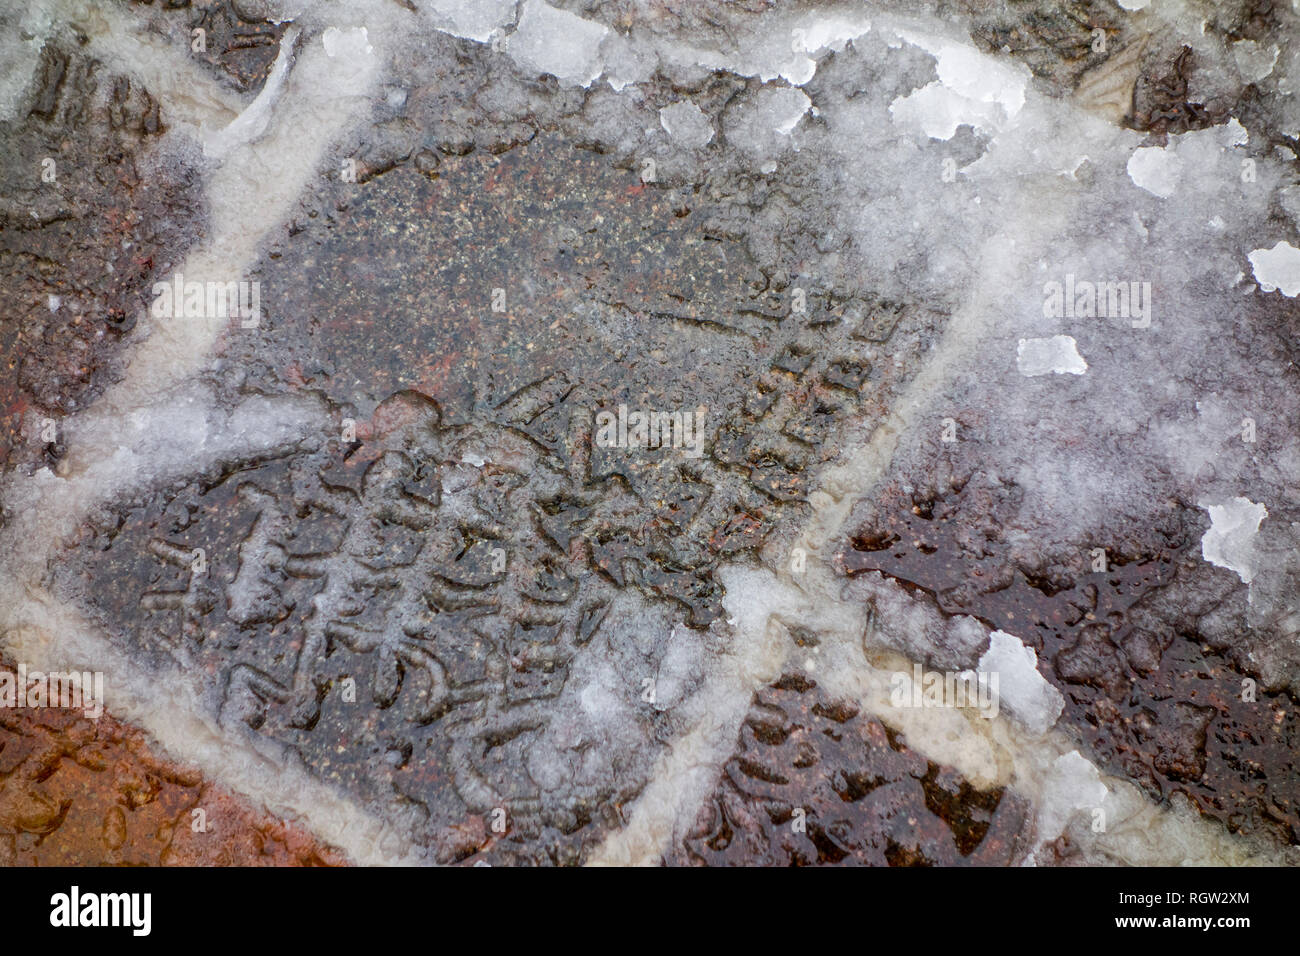 Footprints of pedestrian in wet snow / sleet on slippery pavement / dangerous sidewalk in winter - Stock Image